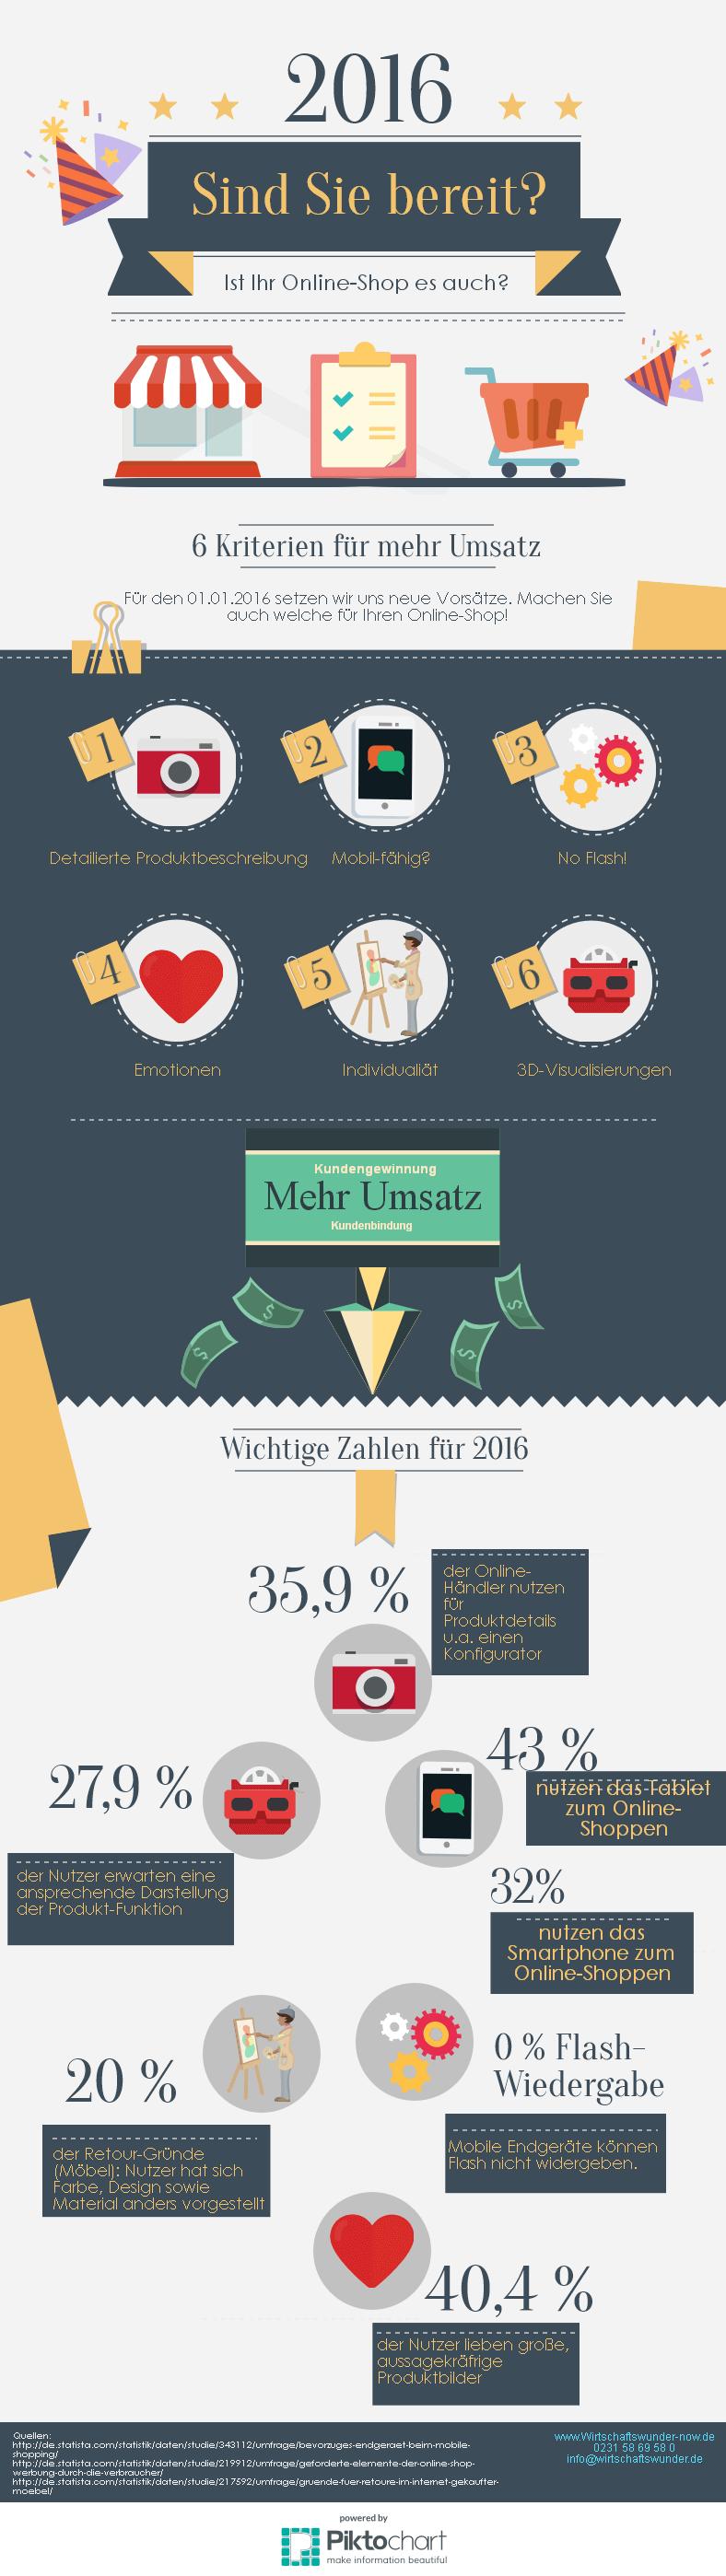 Umsatz-fördern-Online-Shop-Kriterien-2016_Wirtschaftwunder